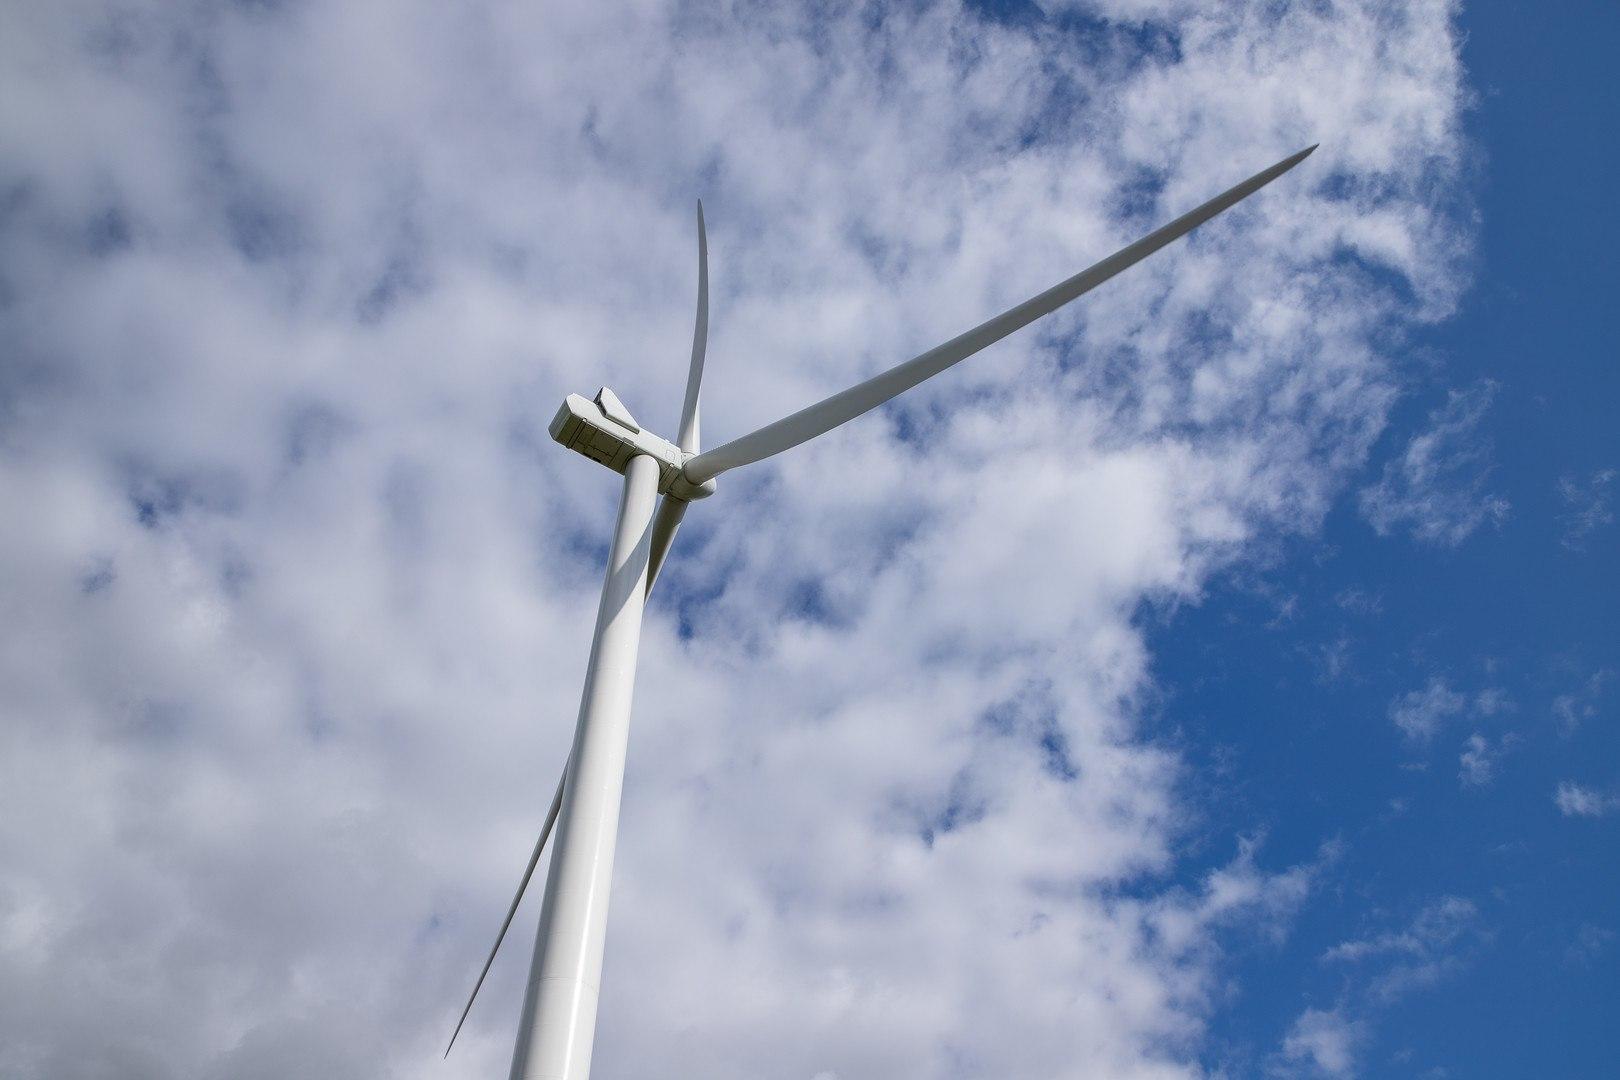 Vestas ontvangt order voor nieuwe windturbine voor zwakke windregimes